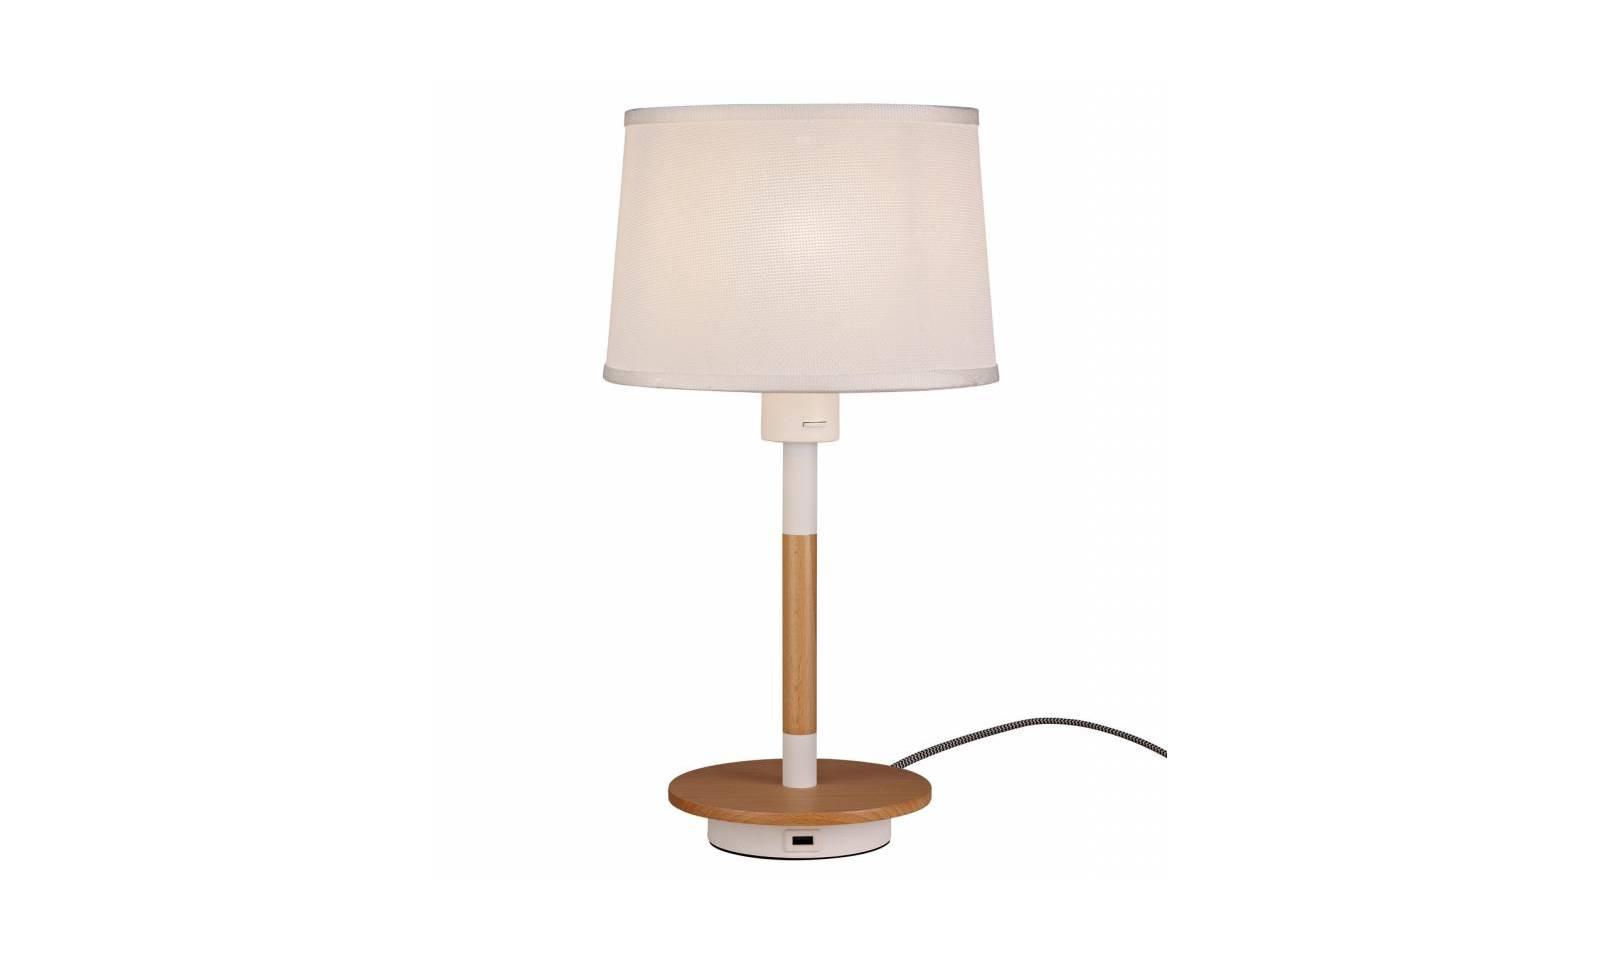 Mantra illuminazione lampada da tavolo nordica 2 usb moderna - Lampade moderne da tavolo ...